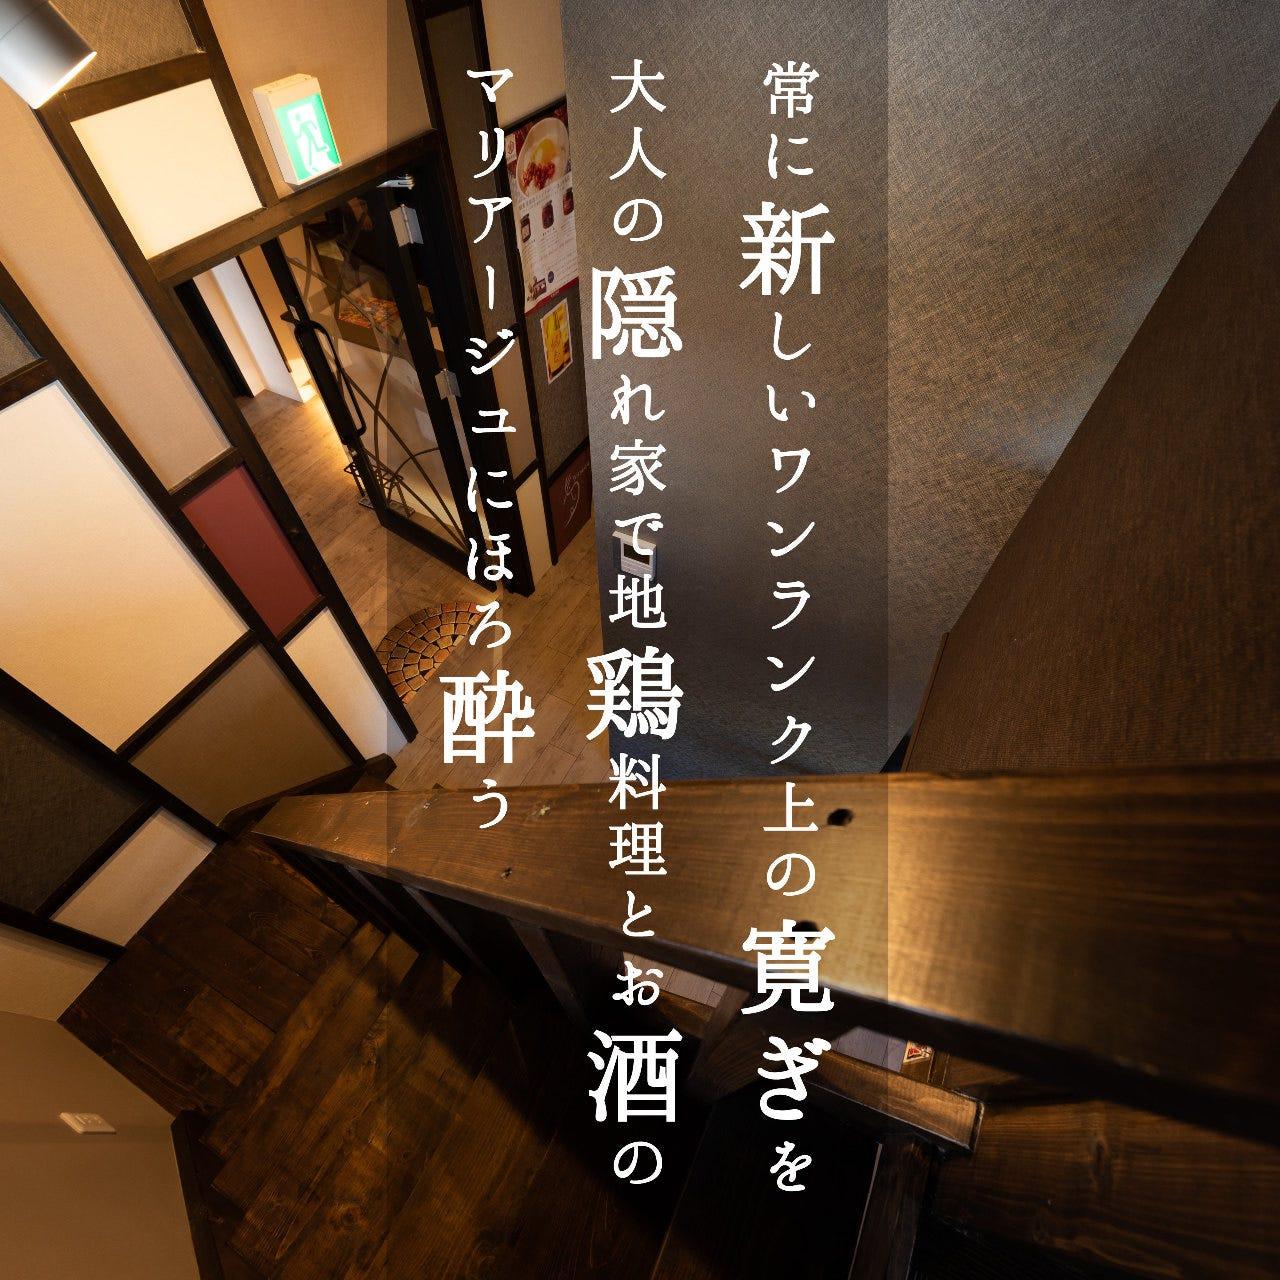 岩見沢/空知_えぞ屋 4条店_写真